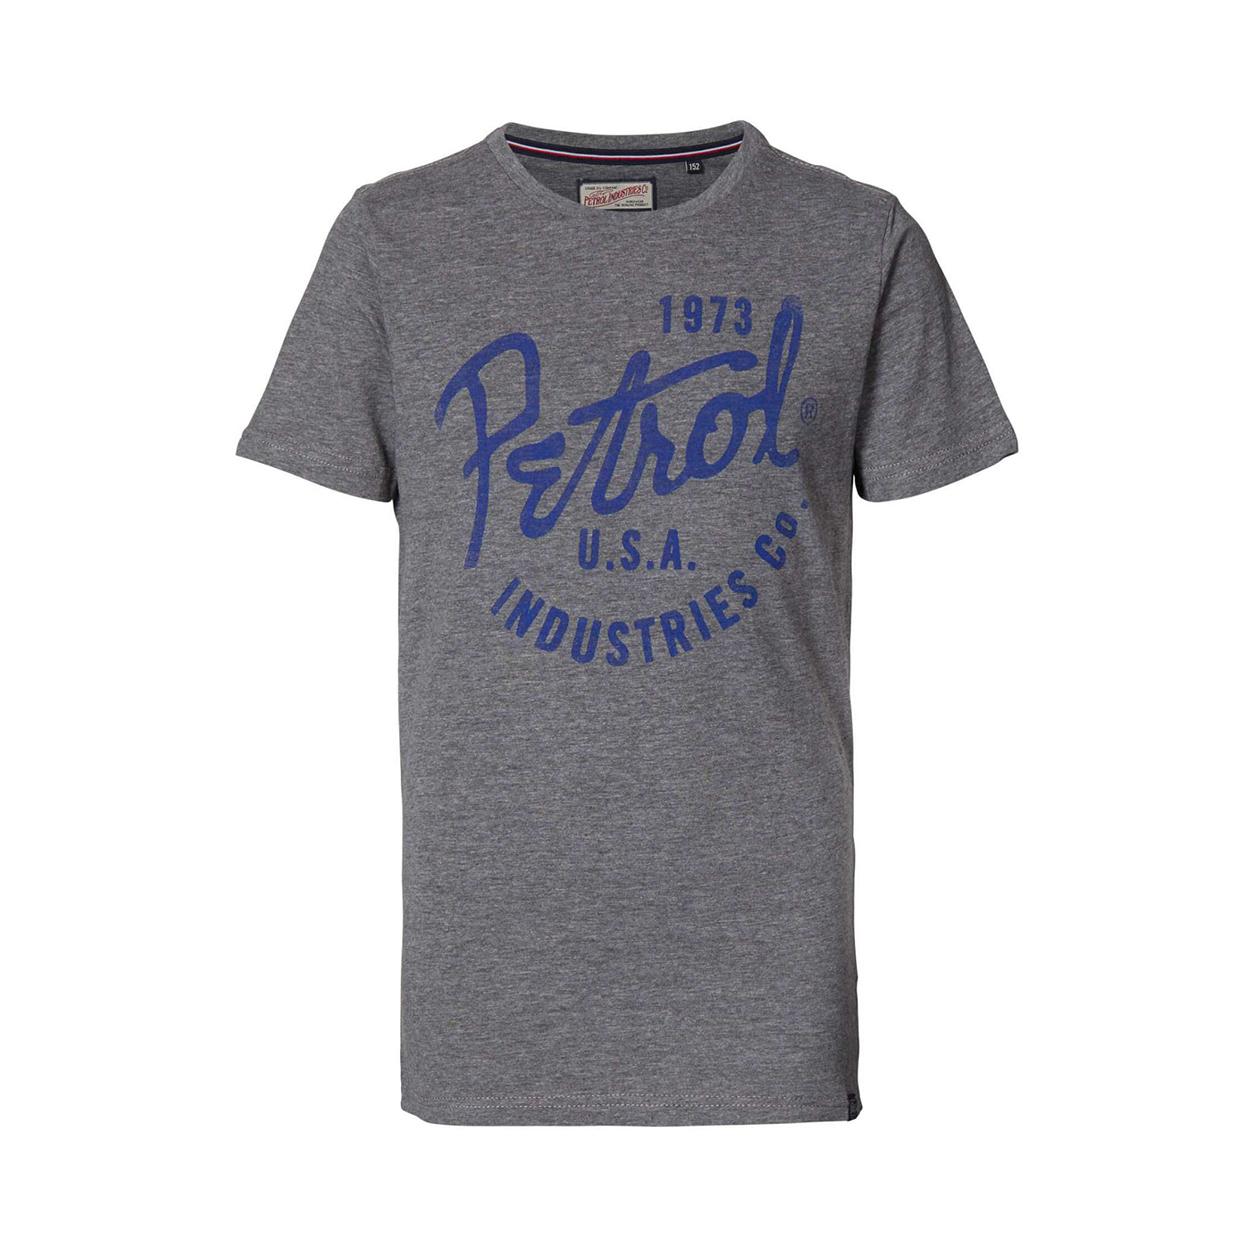 Tee-shirt manches courtes  en coton gris chiné floqué